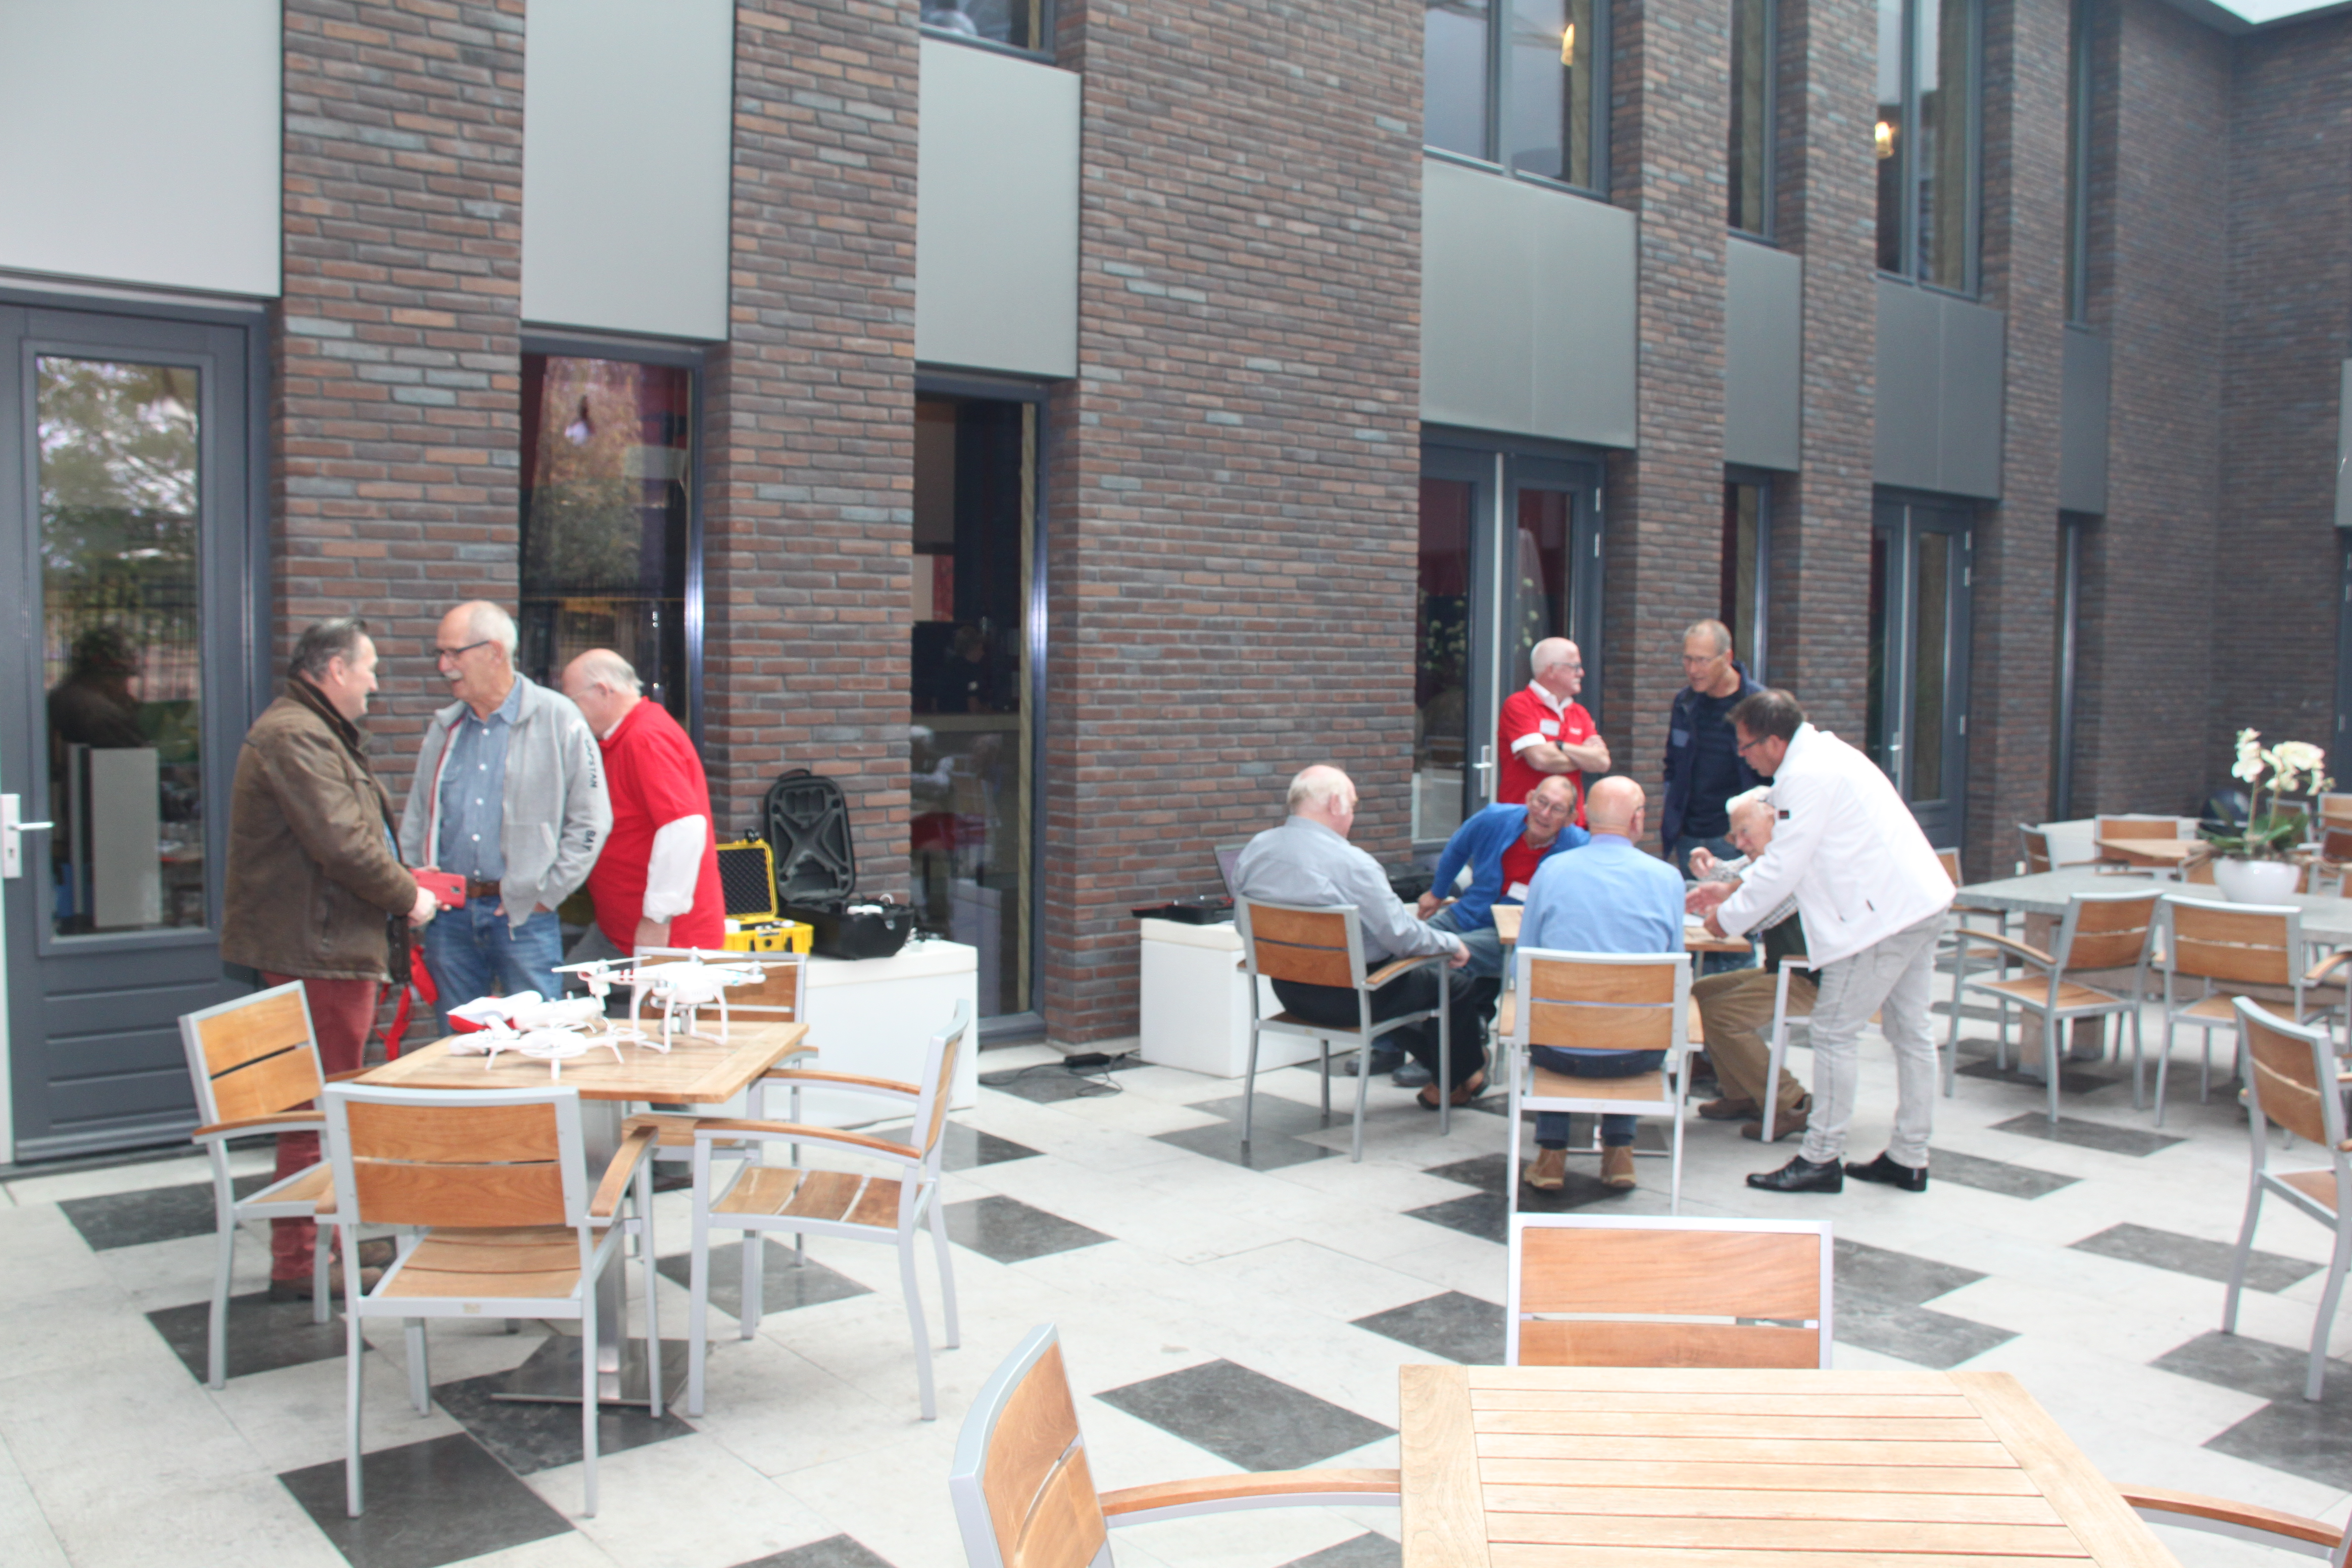 2018-10-20 - 104 - HCC!fotovideo event - dok Zuid - Apeldoorn